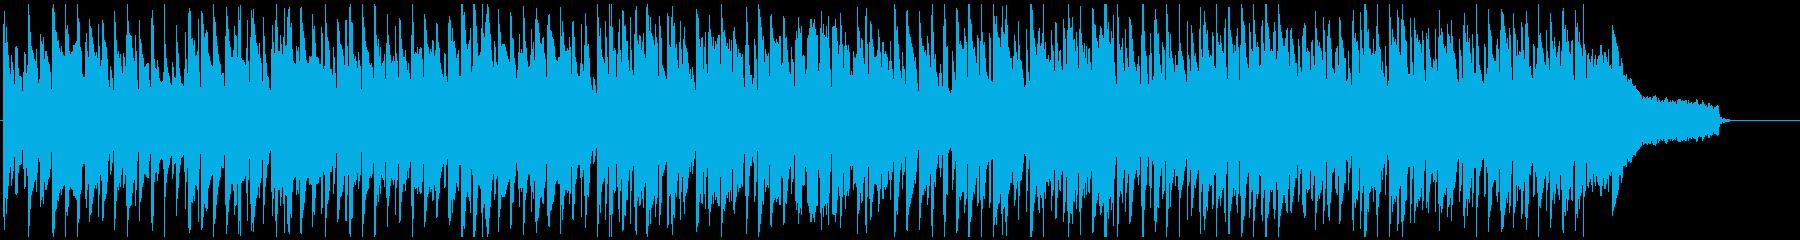 ほのぼの明るいピクニック系リコーダー曲の再生済みの波形